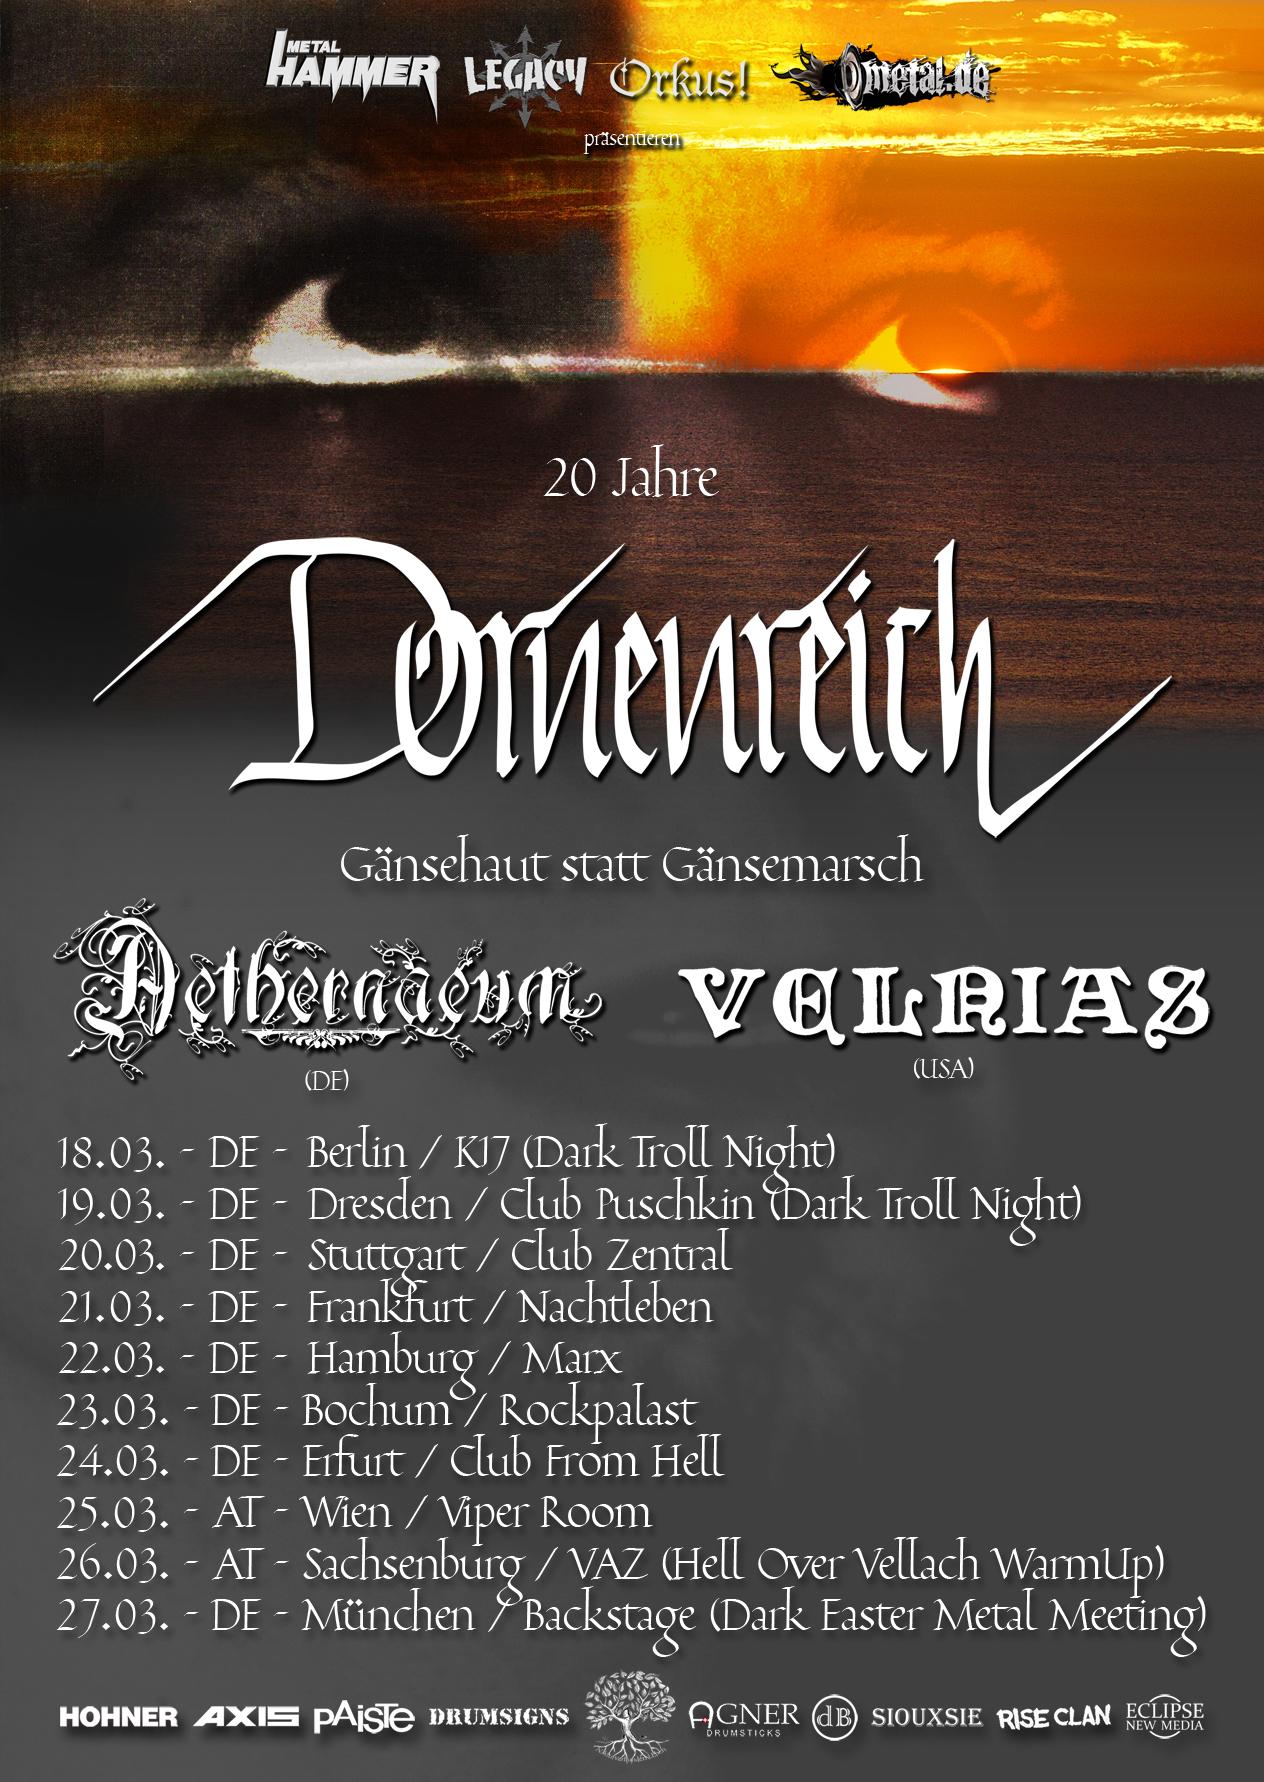 Dornenreich Tour – Gänsehaut statt Gänsemarsch 1996-2016